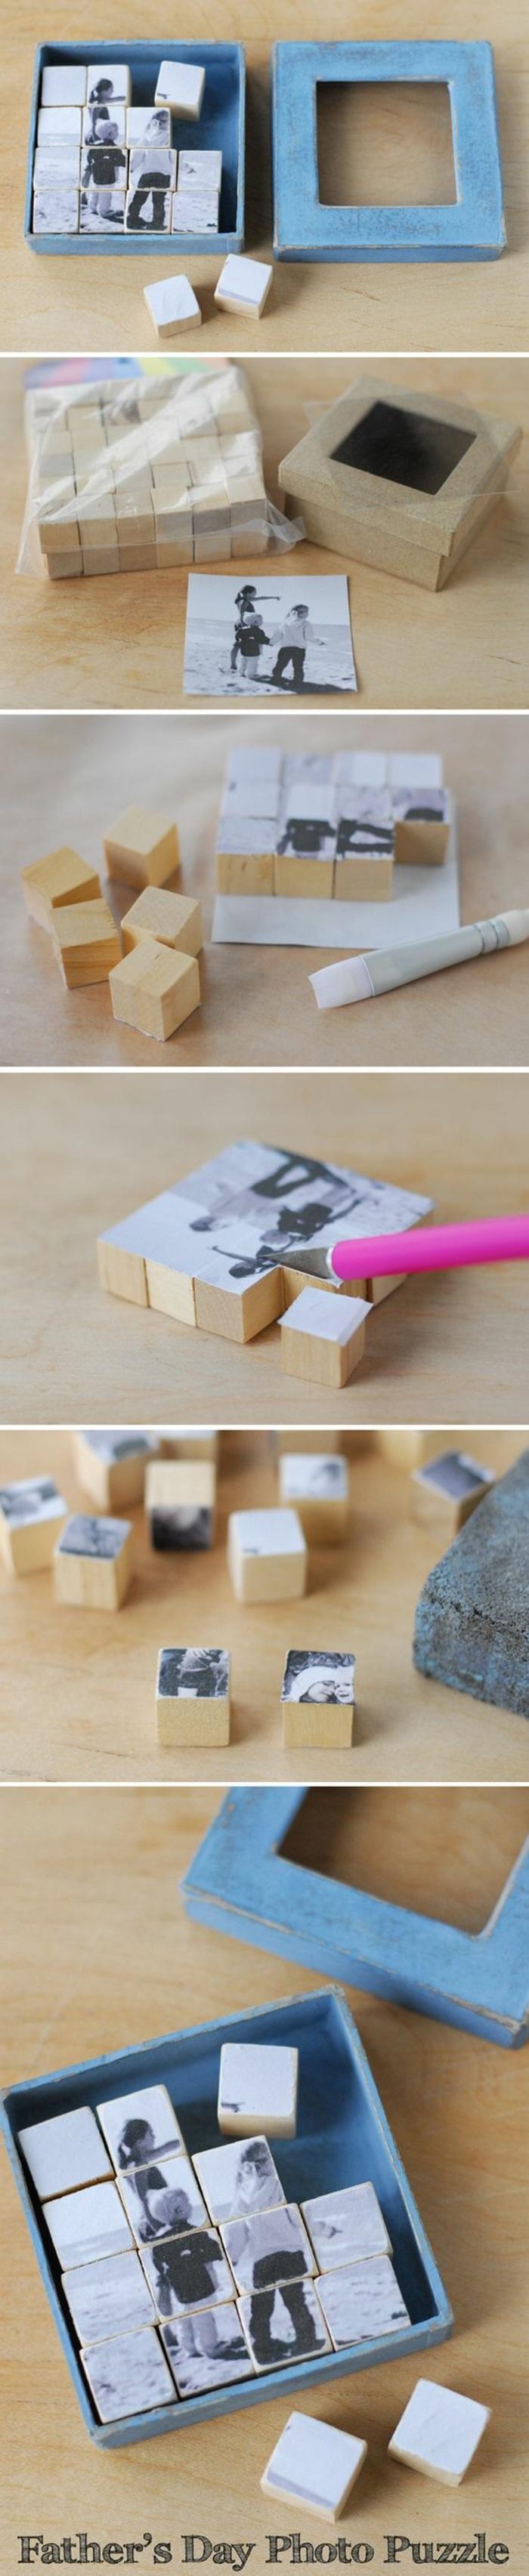 tutoriel boîte avec cubes photo en bois, bricolage fête des pères facile, exemple comment faire un puzzle avec photo